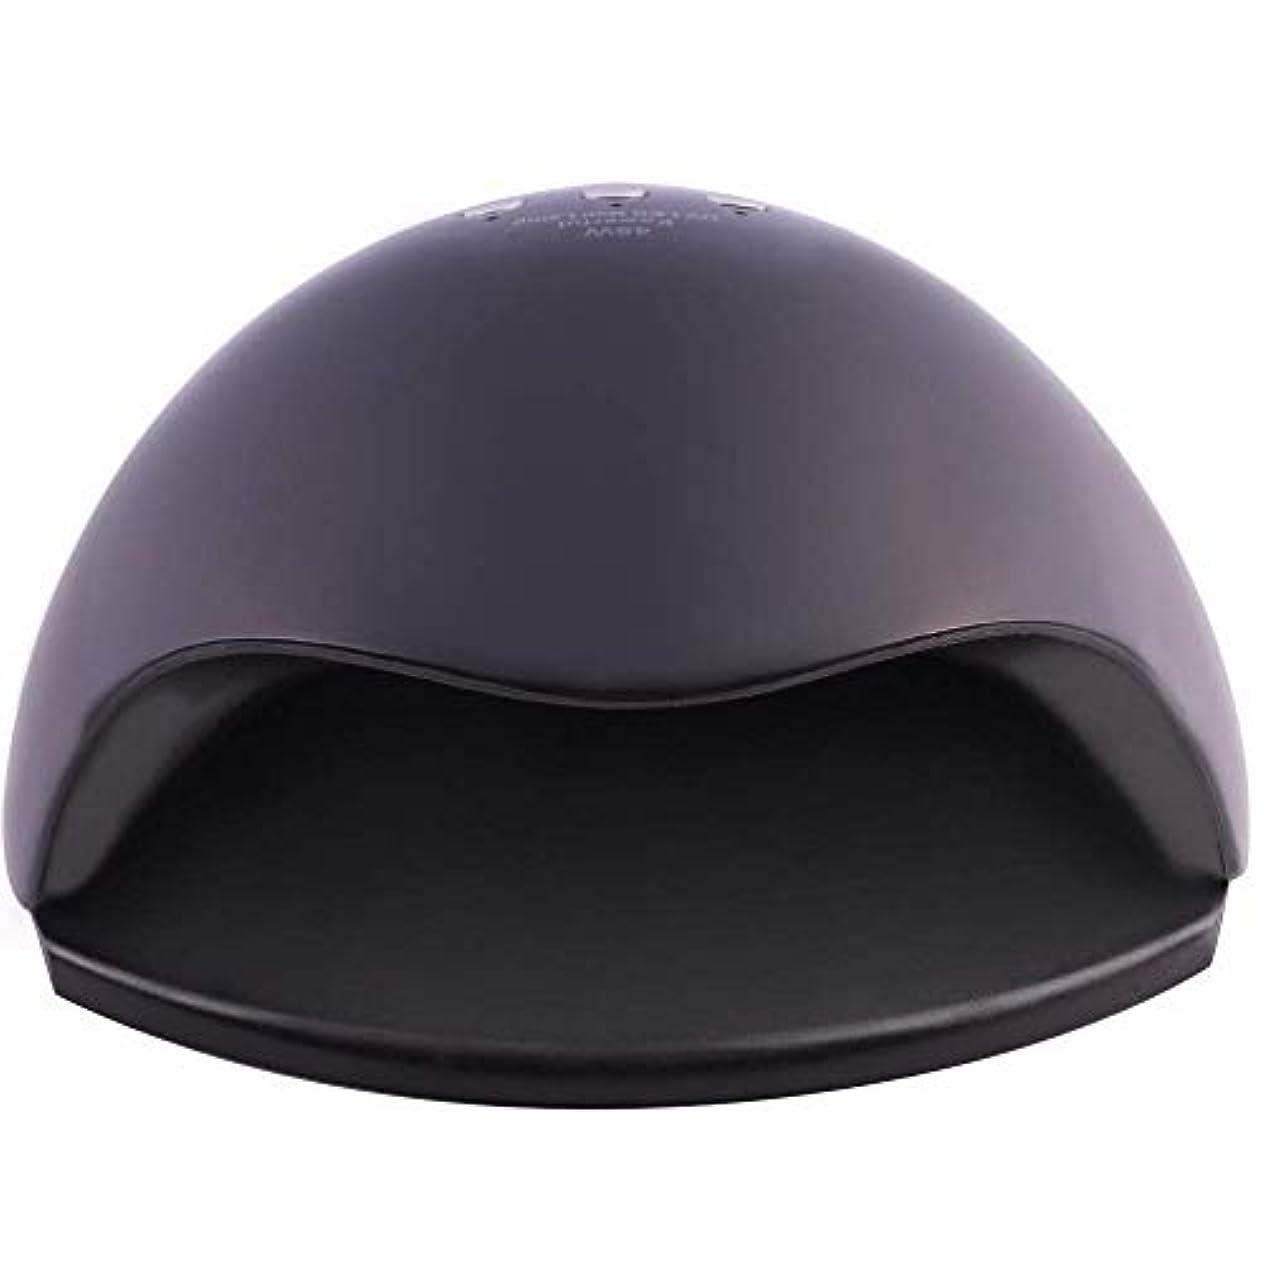 入浴パントリー結果としてネイルドライヤーオートセンサー48ワットプロフェッショナル365 + 405nm uv ledランプネイルドライヤーポリッシュマシンフィット硬化すべてネイルジェルポリッシュ用硬化ネイルツール